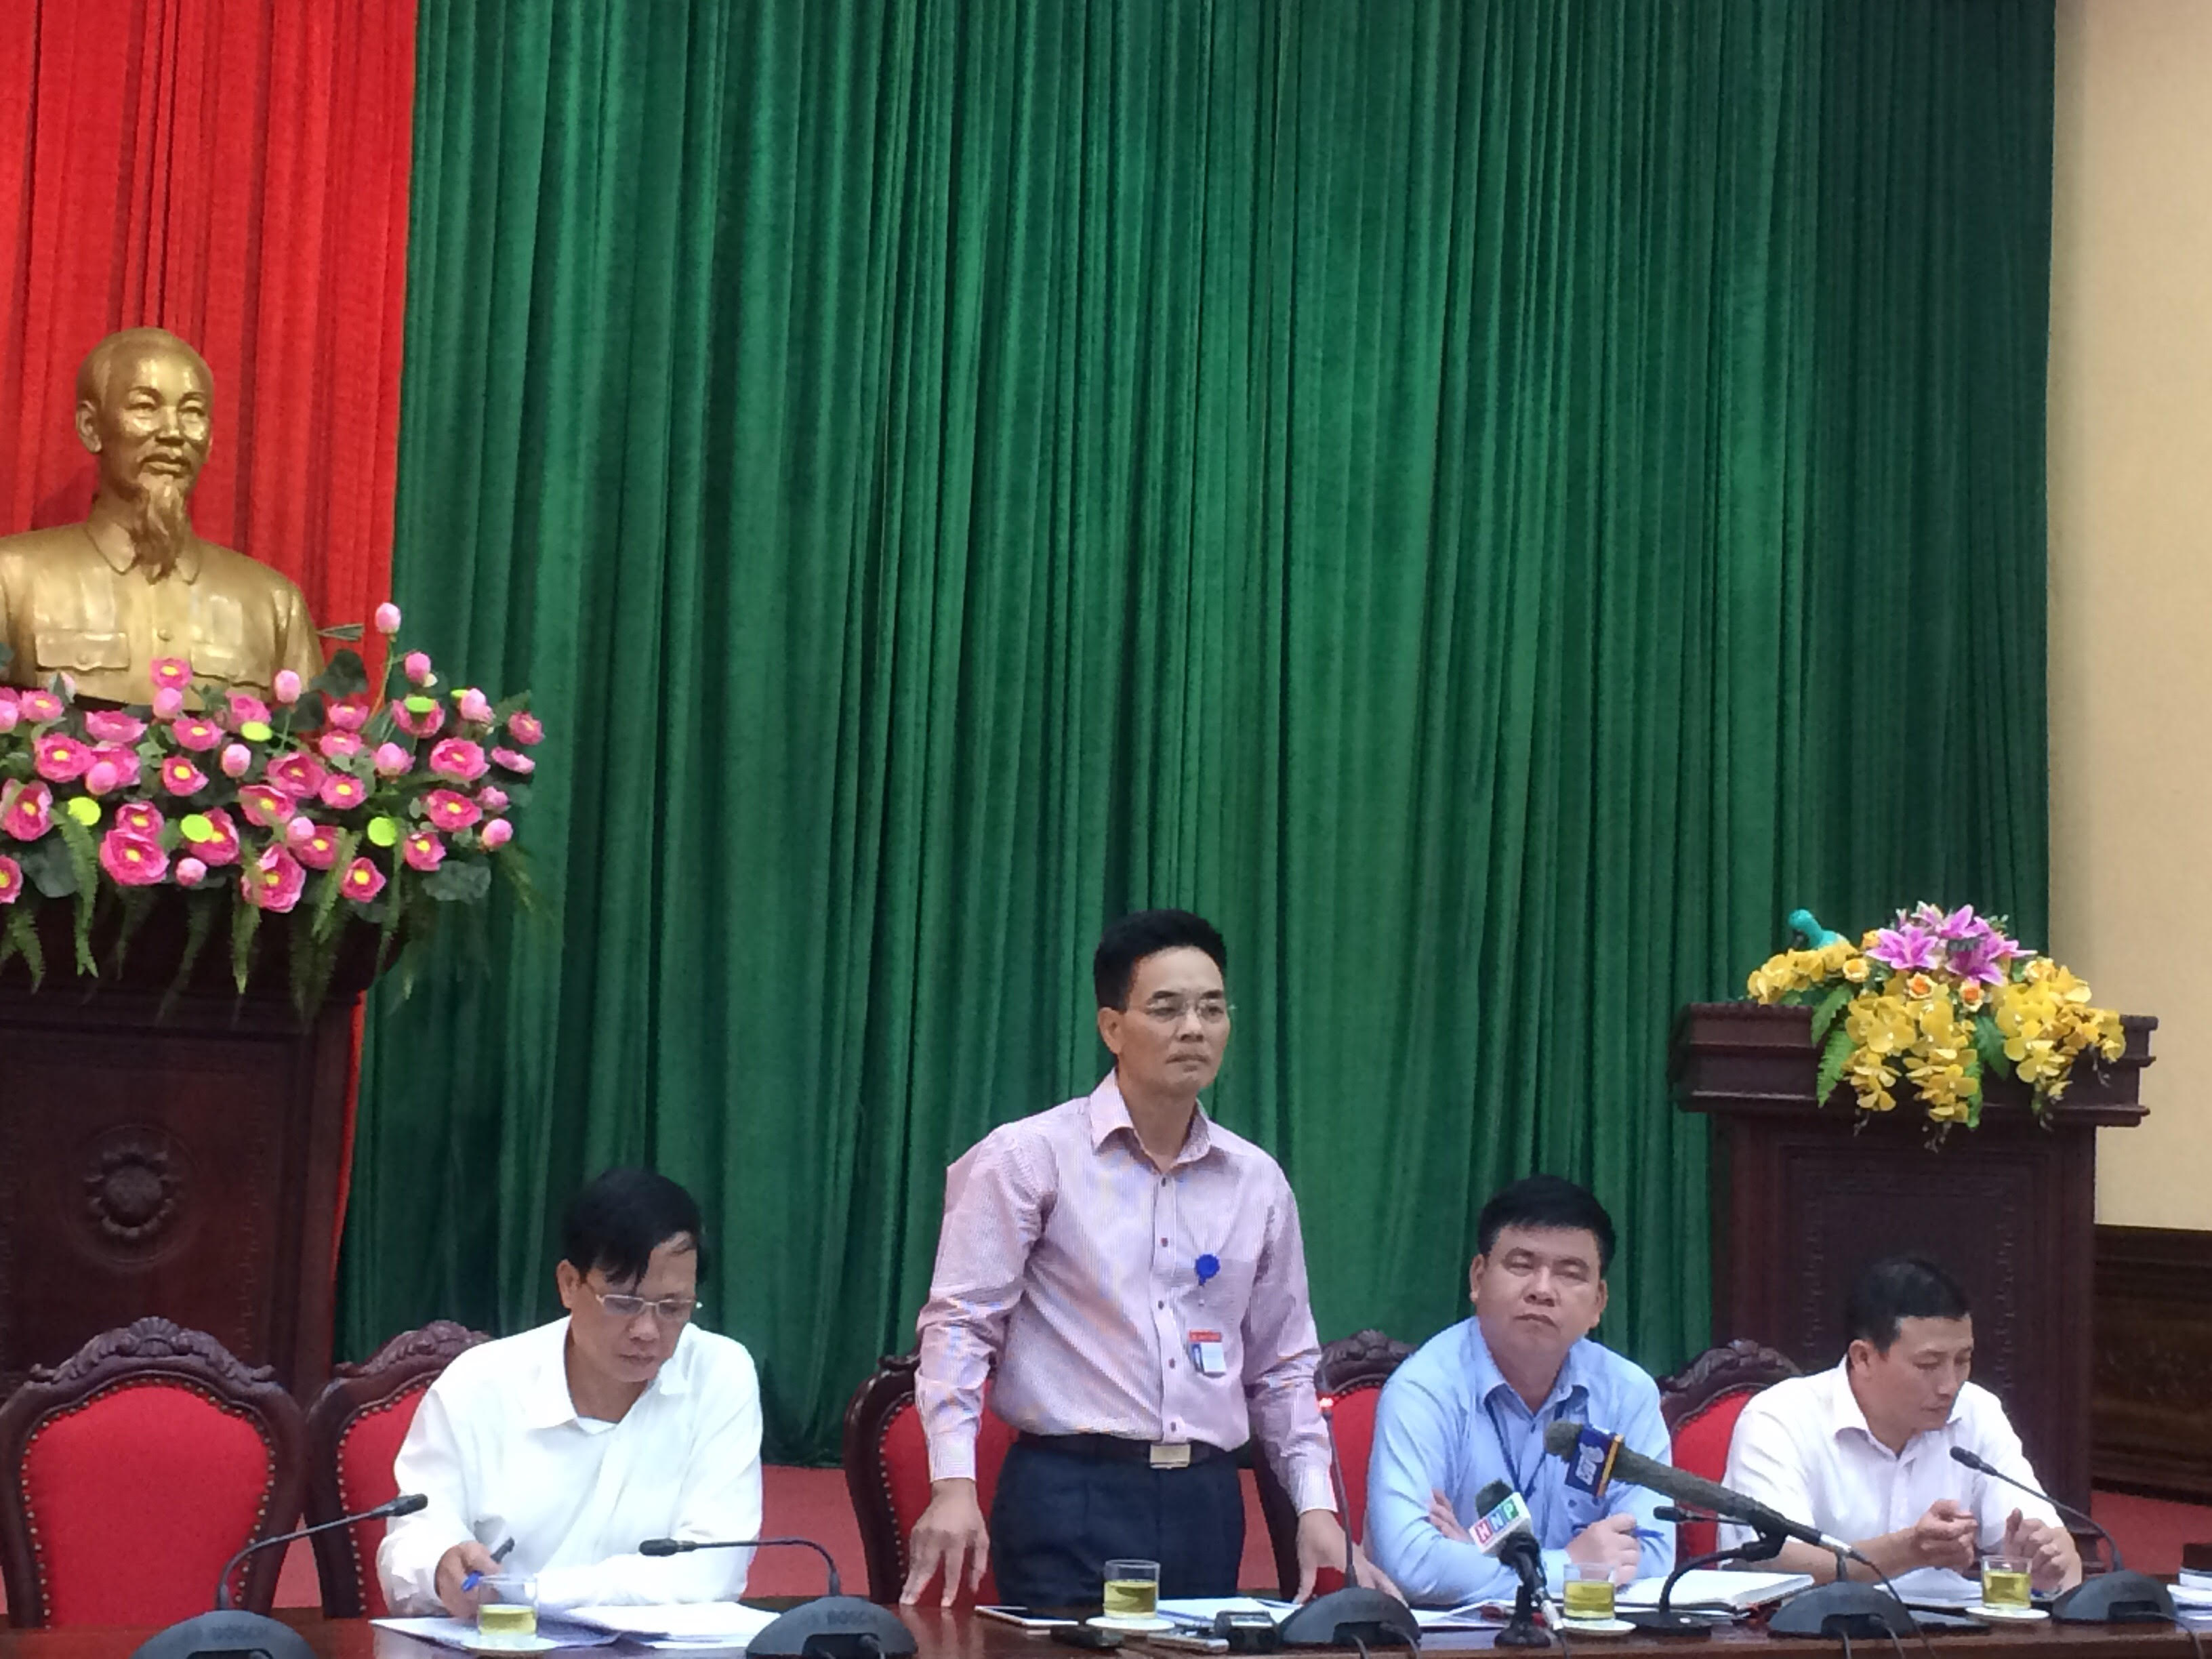 Hà Nội: Quận Nam Từ Liêm thông tin chính thức về vụ Bí thư phường điều hành đường dây lô đề